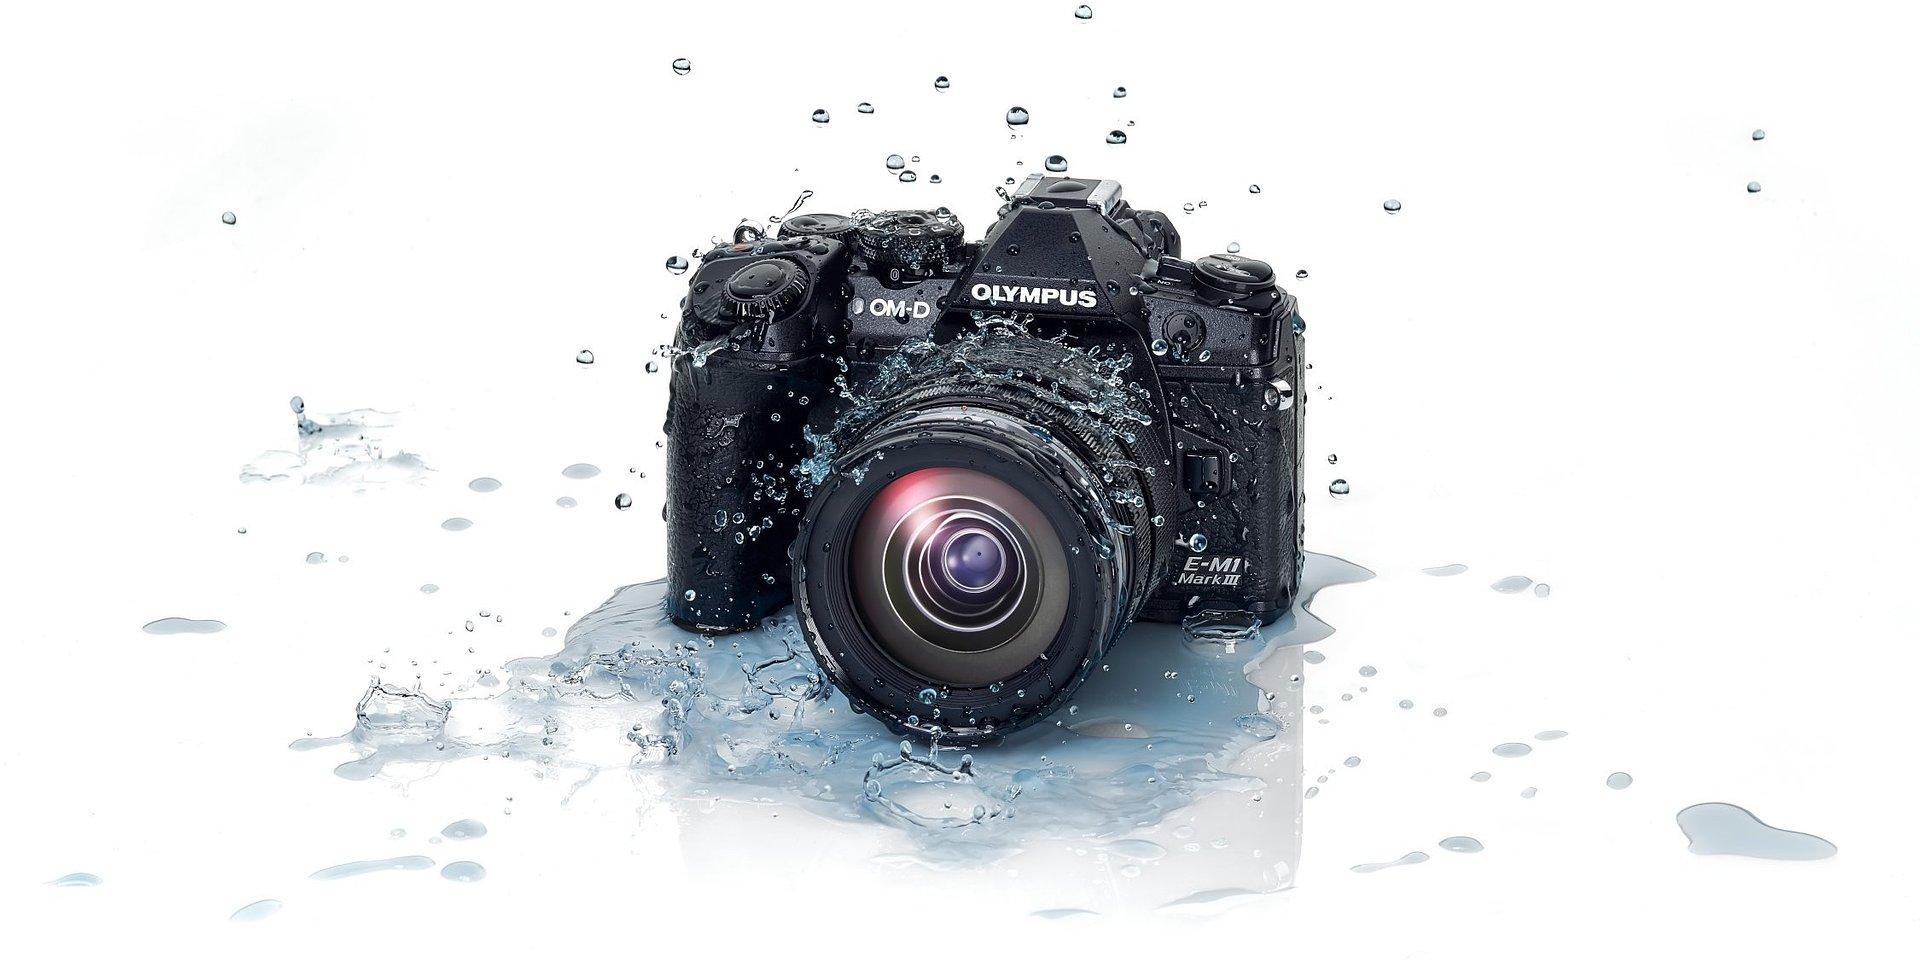 Dział fotograficzny marki Olympus funkcjonuje bez utrudnień dla klientów i wciąż udoskonala swoje produkty - to wszystko mimo planowanego przejęcia przez Japan Industrial Partners